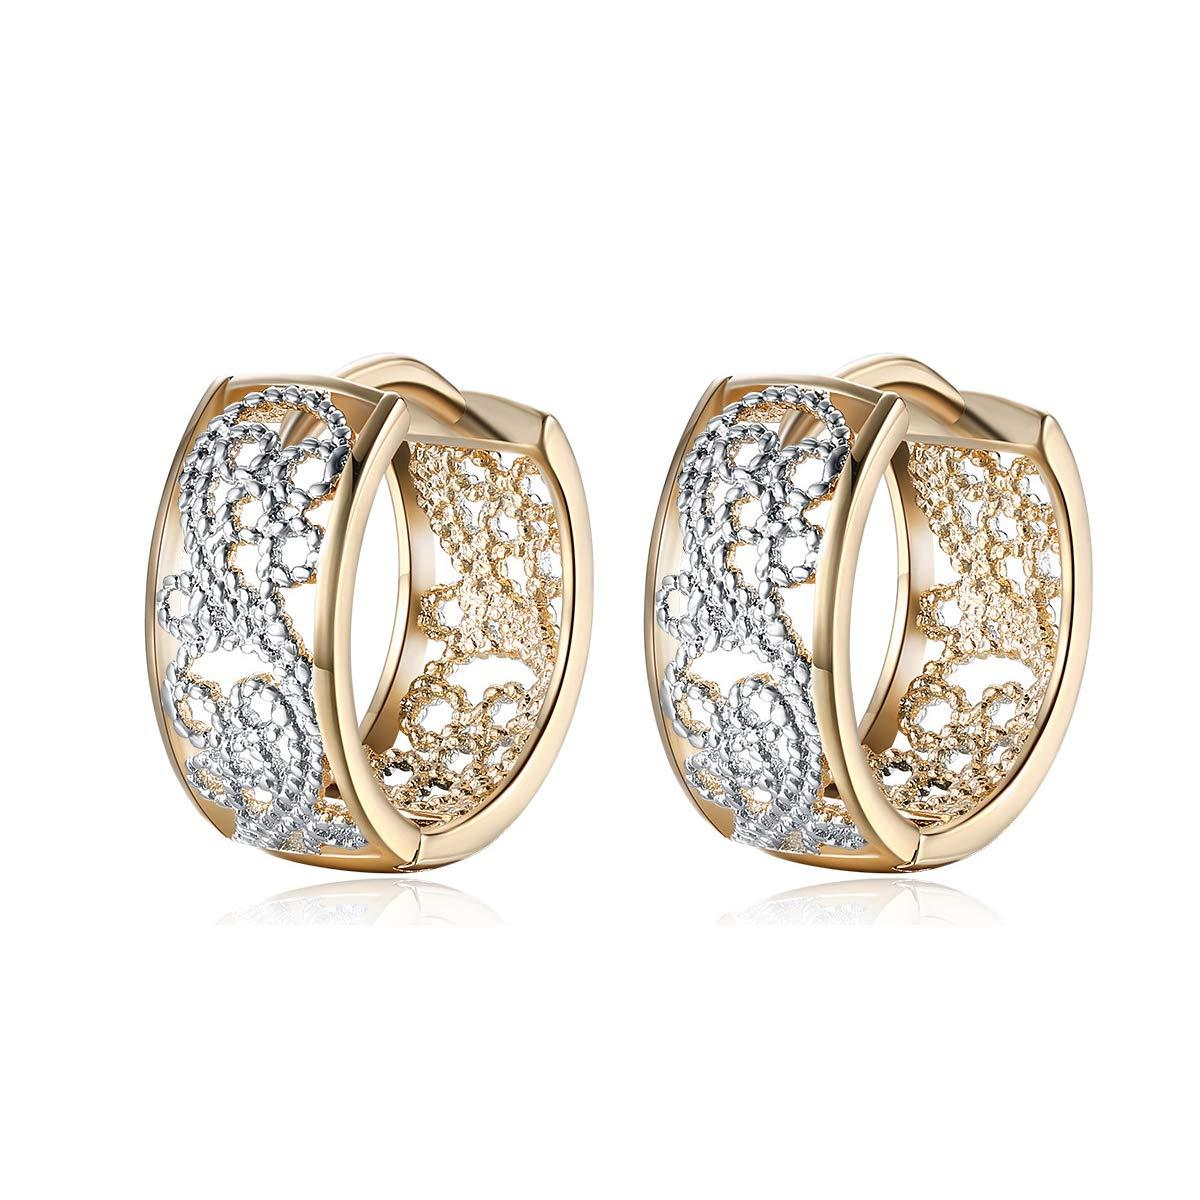 GW Fashion Hollow Ear Studs Lady Ear Cuff Lady Ear Hoops Earrings Piercings Earrings for Women